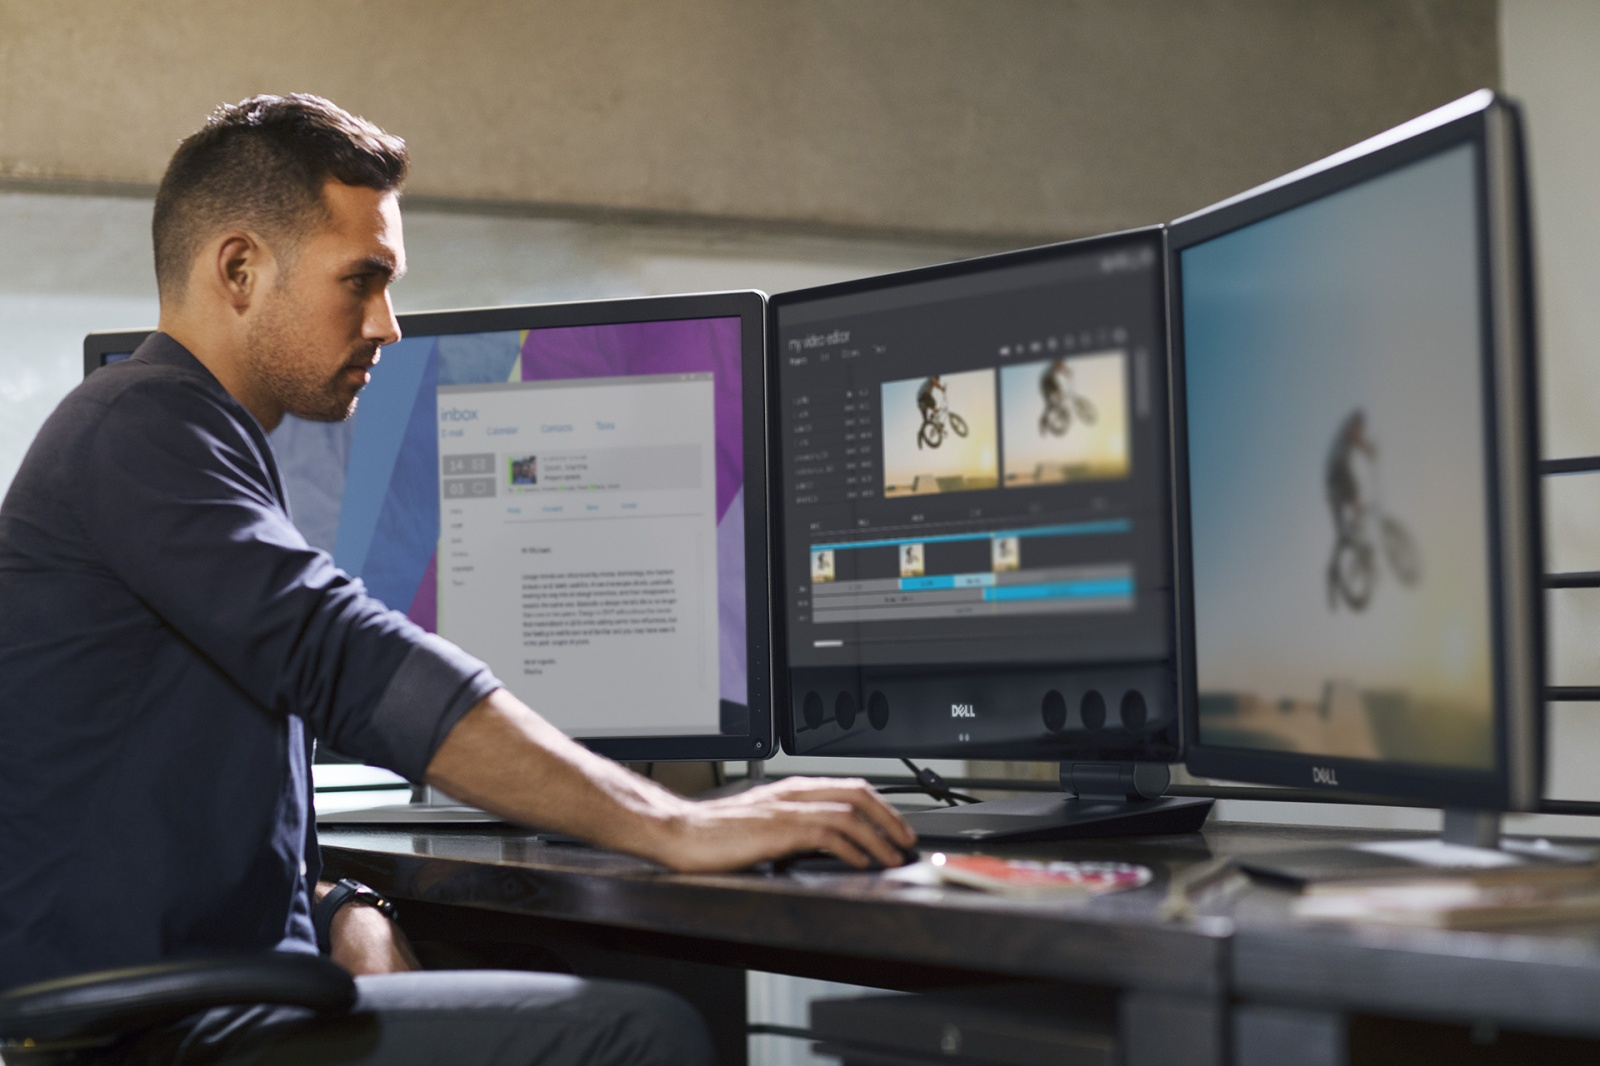 Будущее технологий: AR-VR в проектировании и дизайне - 9